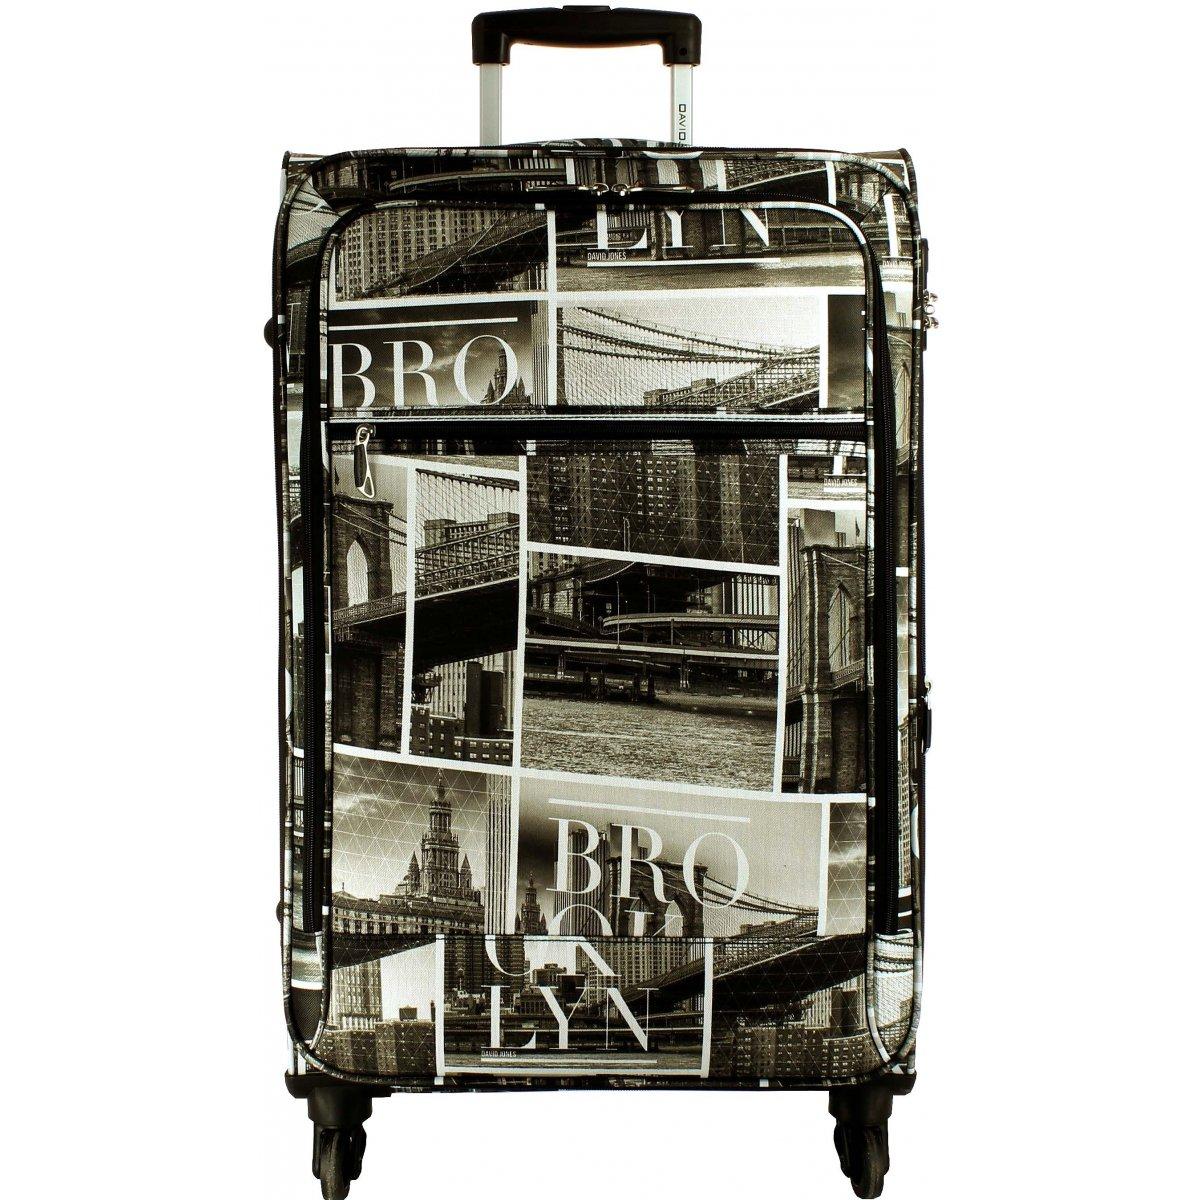 Valise souple david jones 76cm ba50271g couleur - Grande table pas cher ...